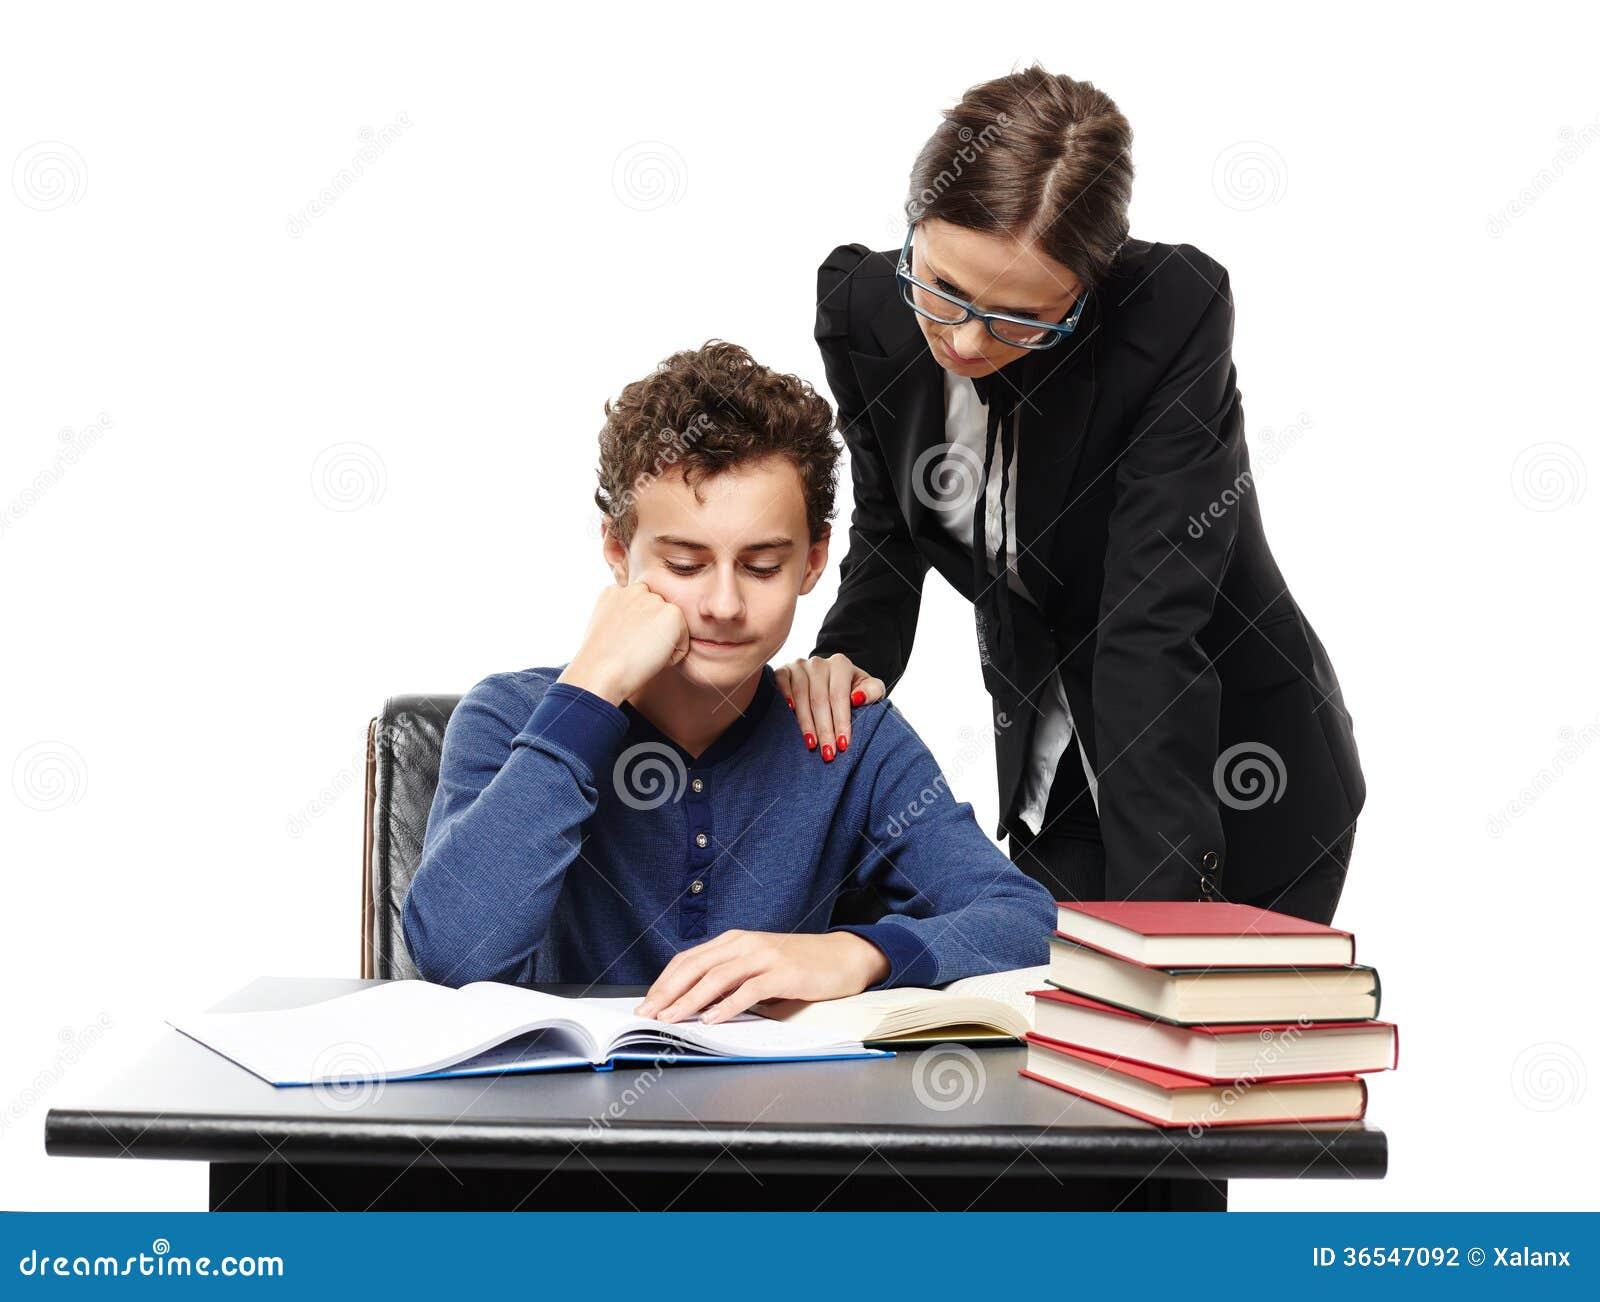 student homework desk